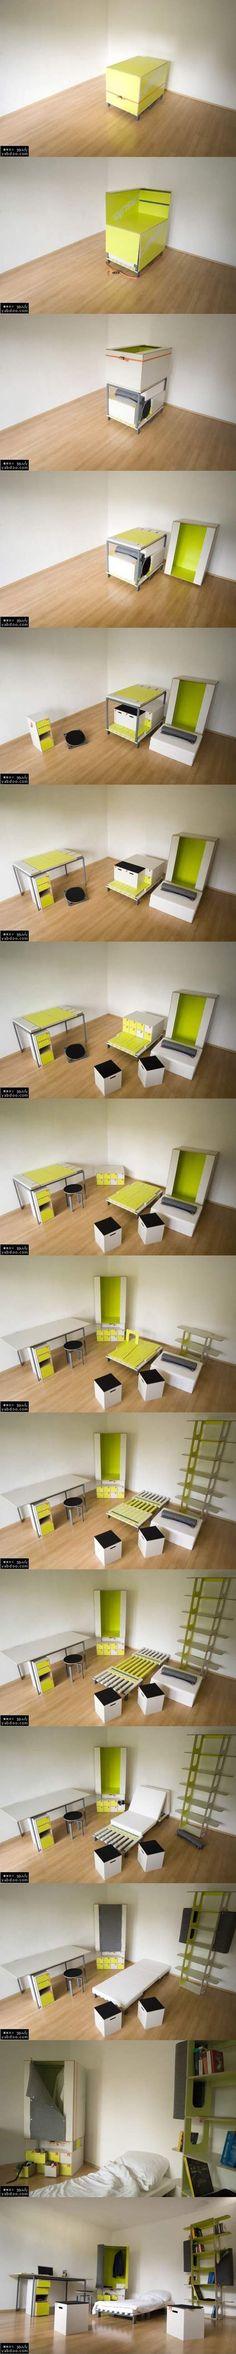 Η λύση στις μετακομίσεις! Room in a box.